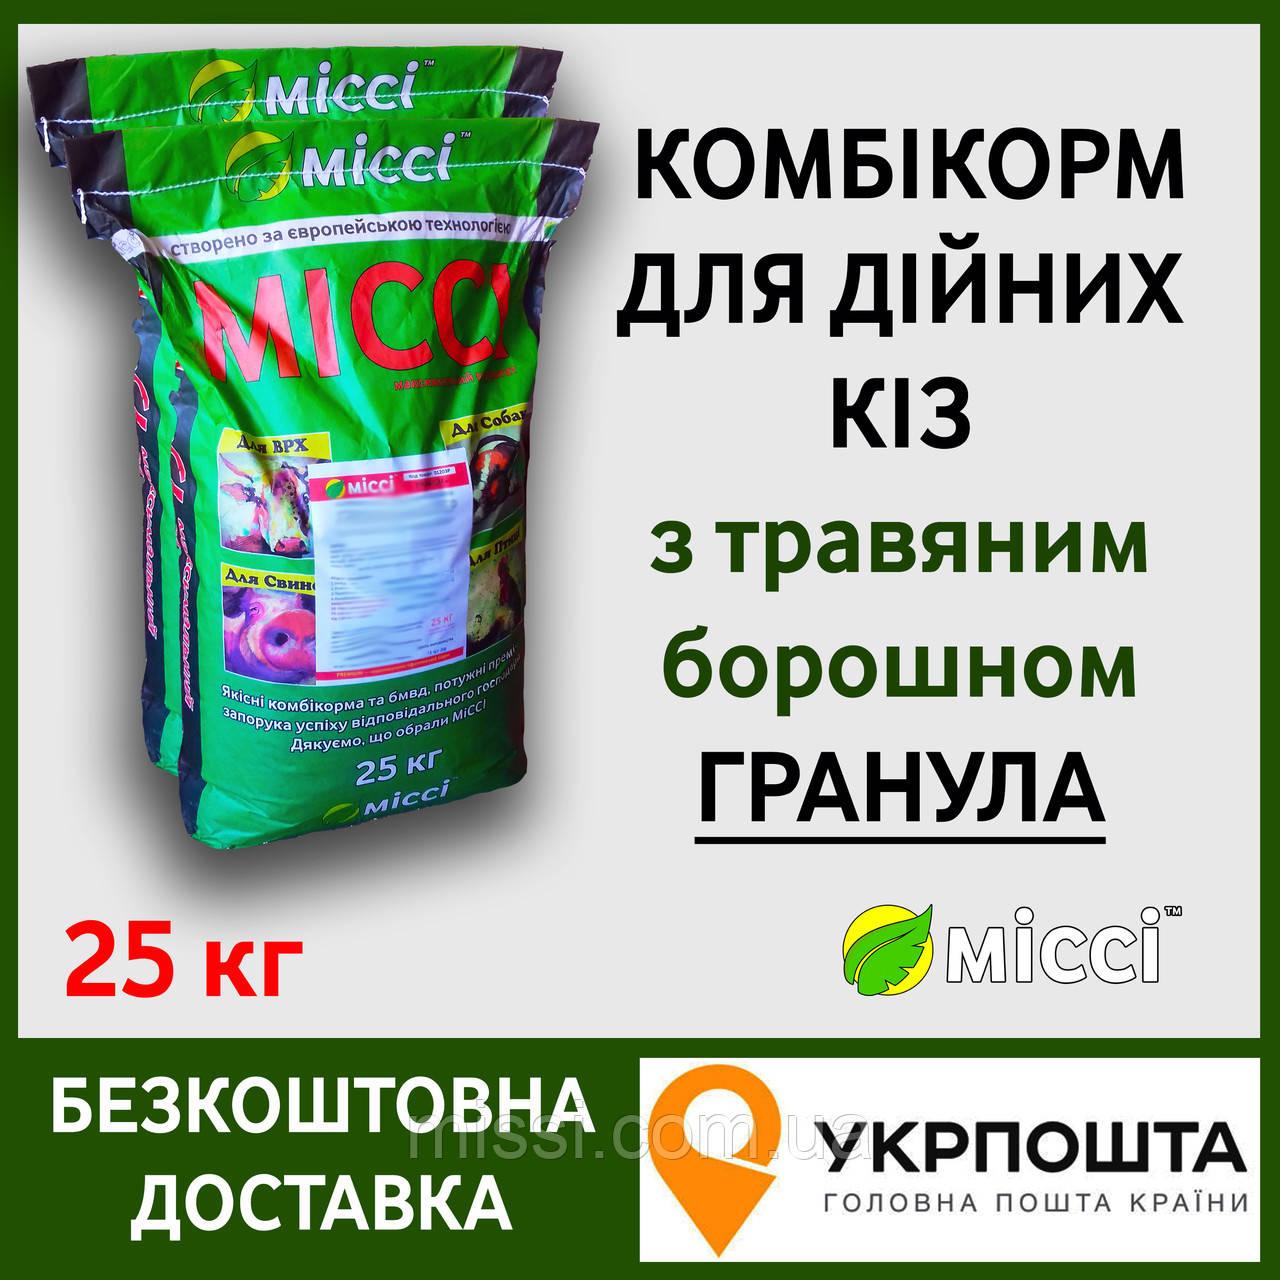 Комбікорм для Дійних кіз, Міссі, 25 кг